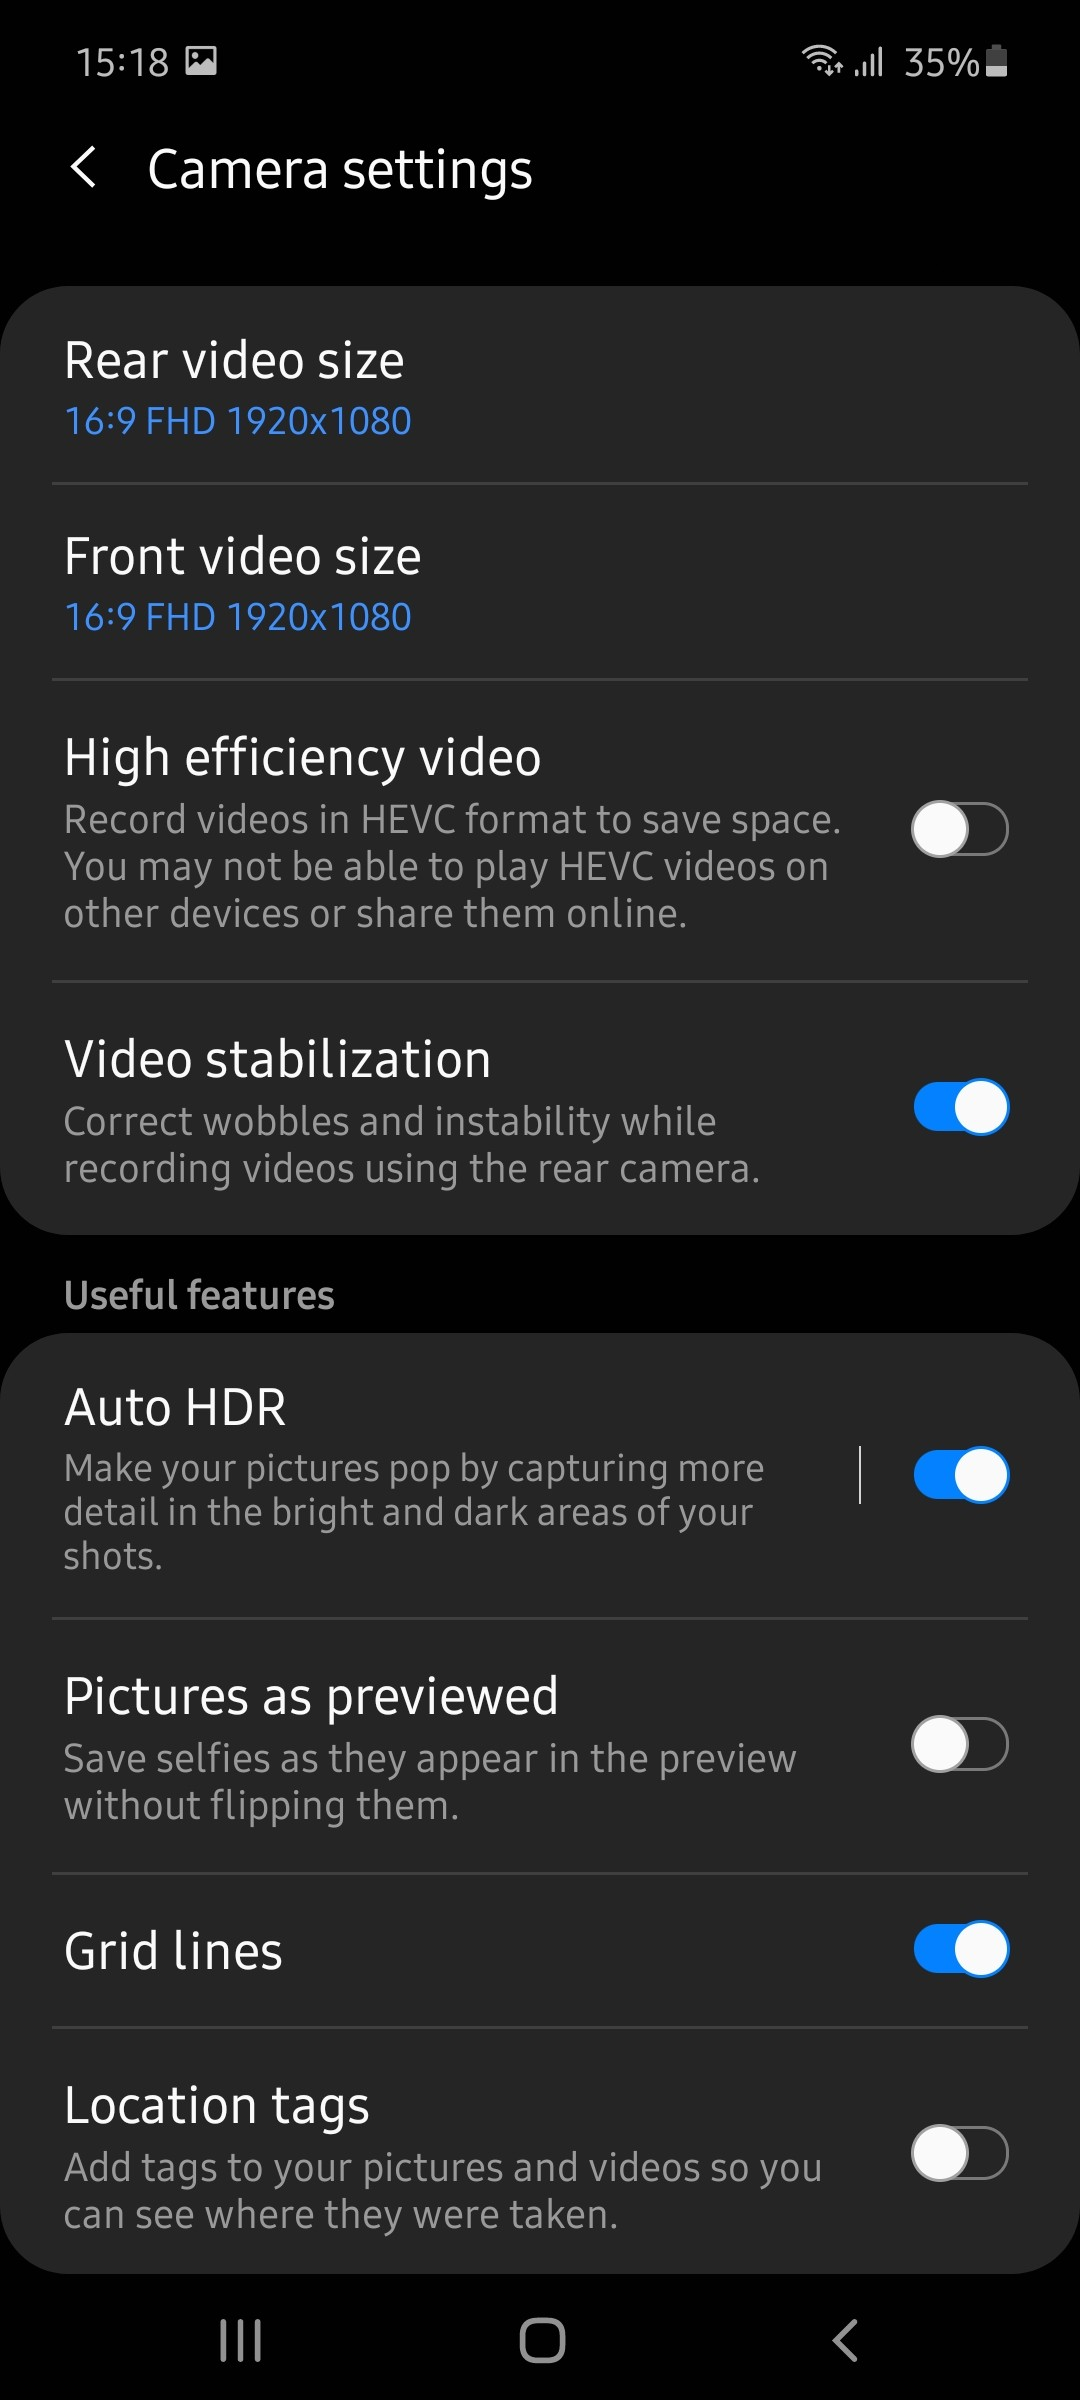 بررسی کامل و تخصصی گوشی گلکسی M31s: قدرت سختافزاری فدای قدرت دوربین